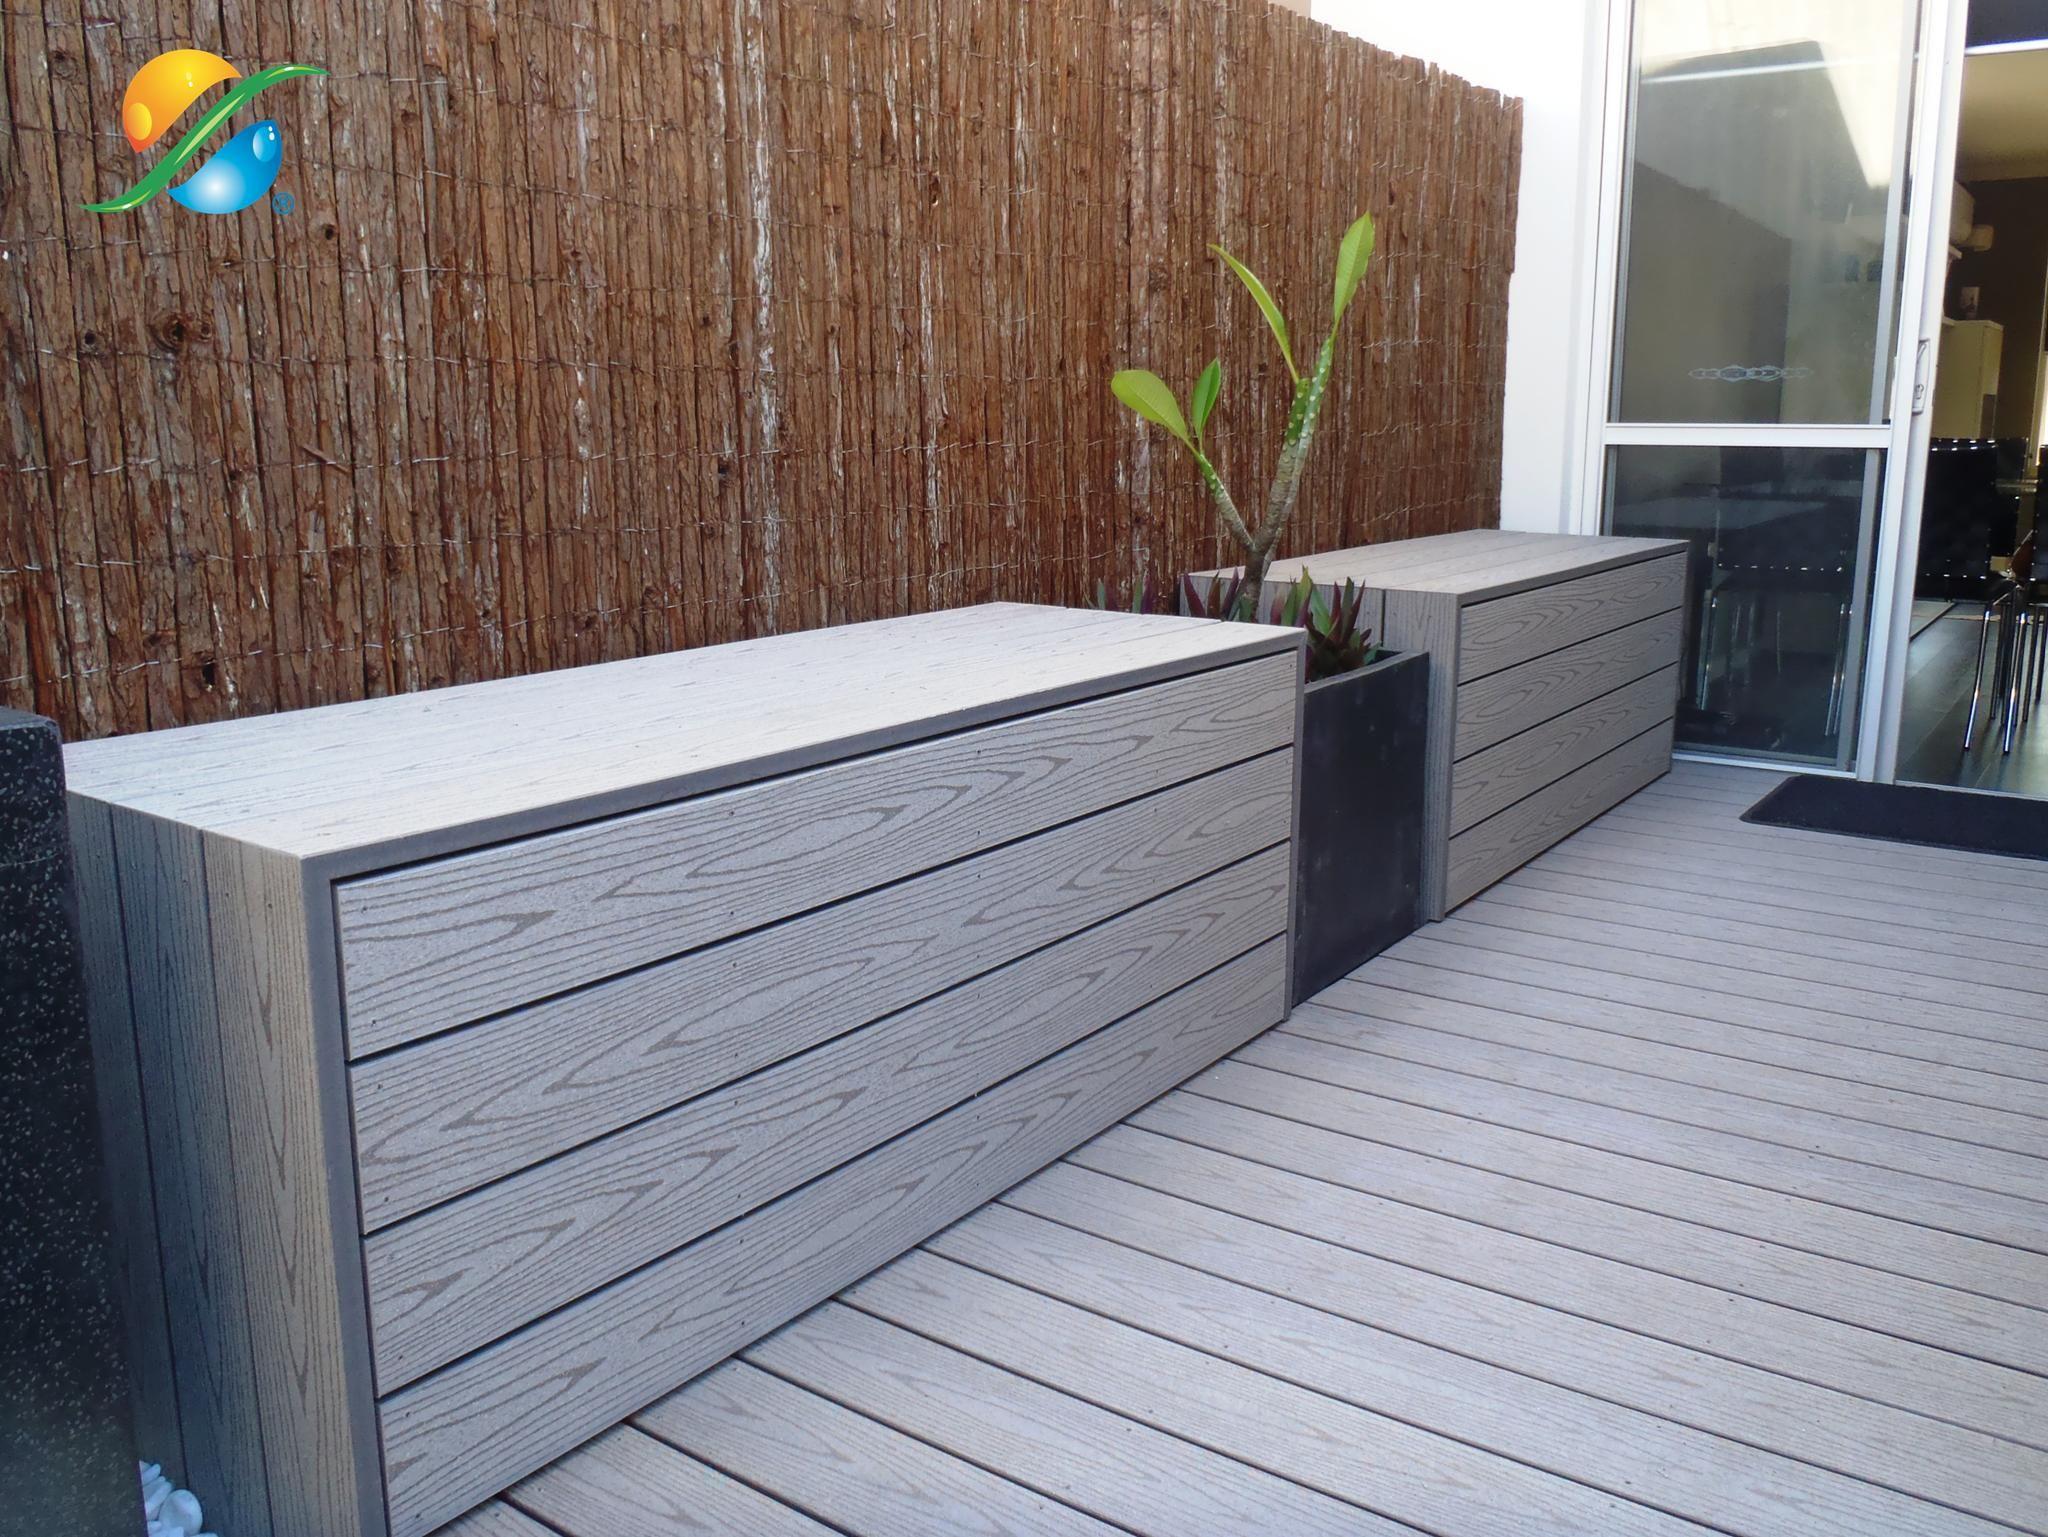 outdoor storage Outdoor storage bench, Garden